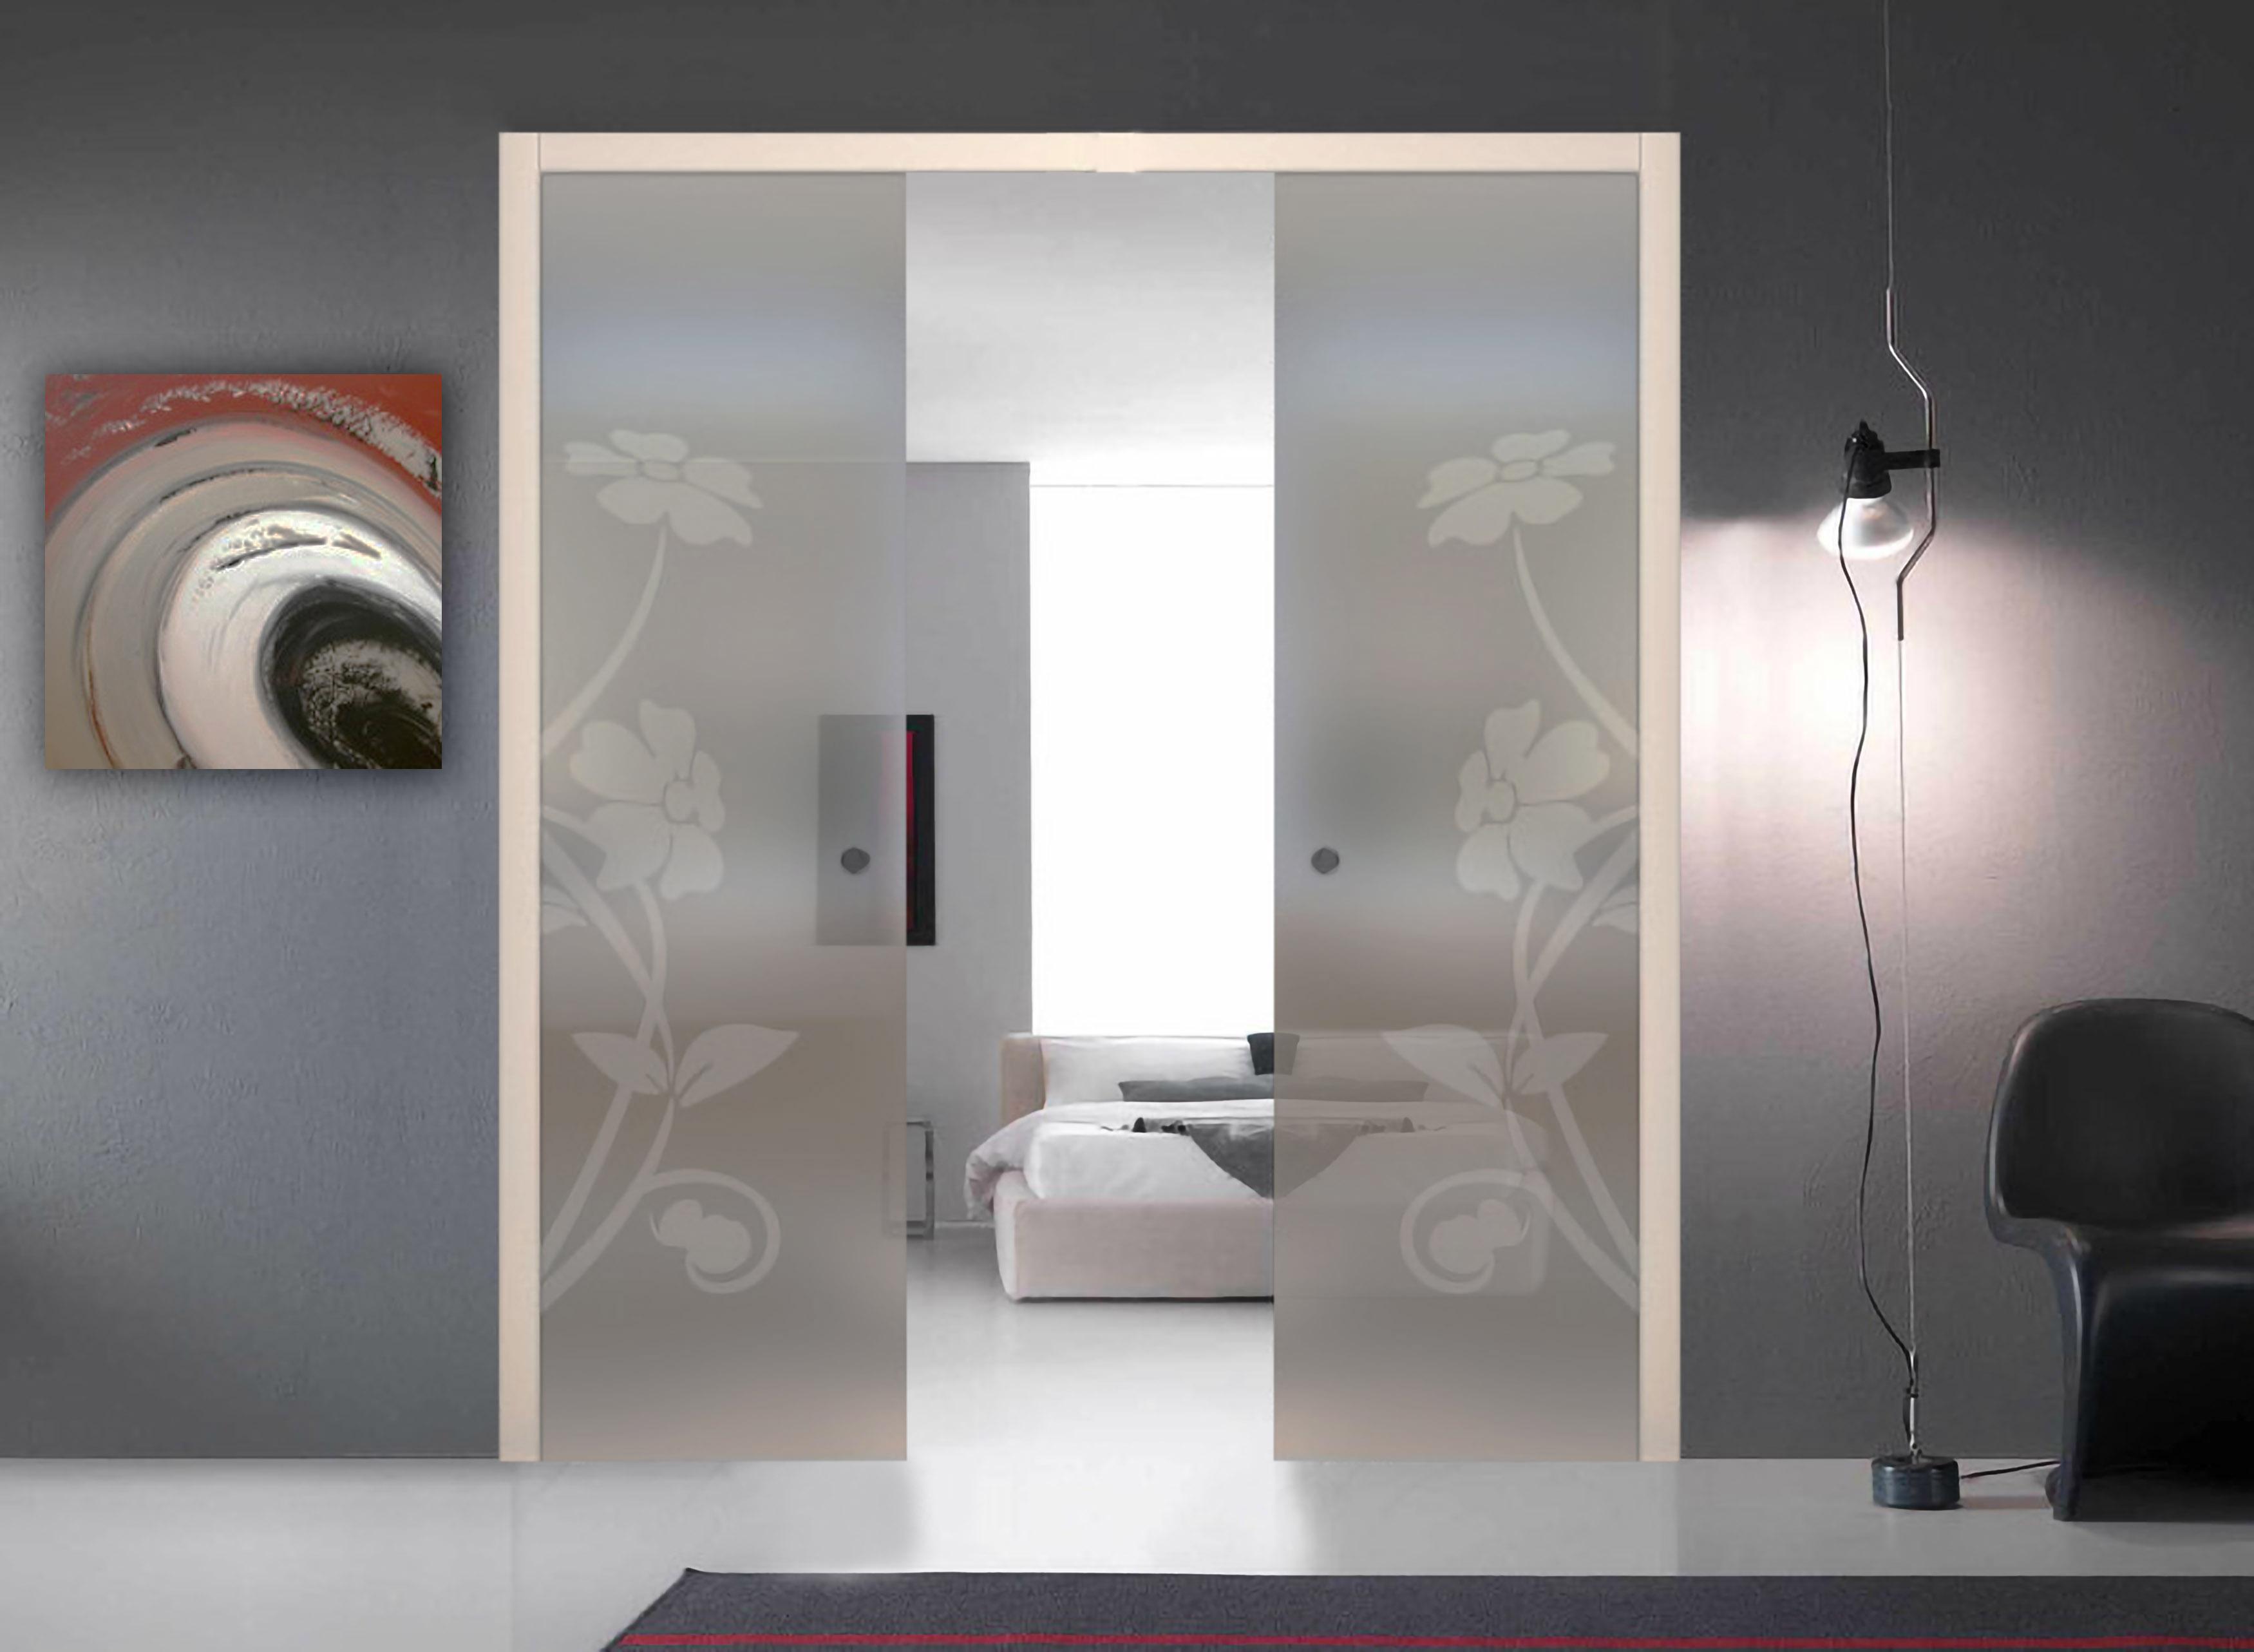 Porta Scrigno 60 Cm dettagli su porta scomparsa interna doppia anta vetro satinato righe  disegno personalizzato